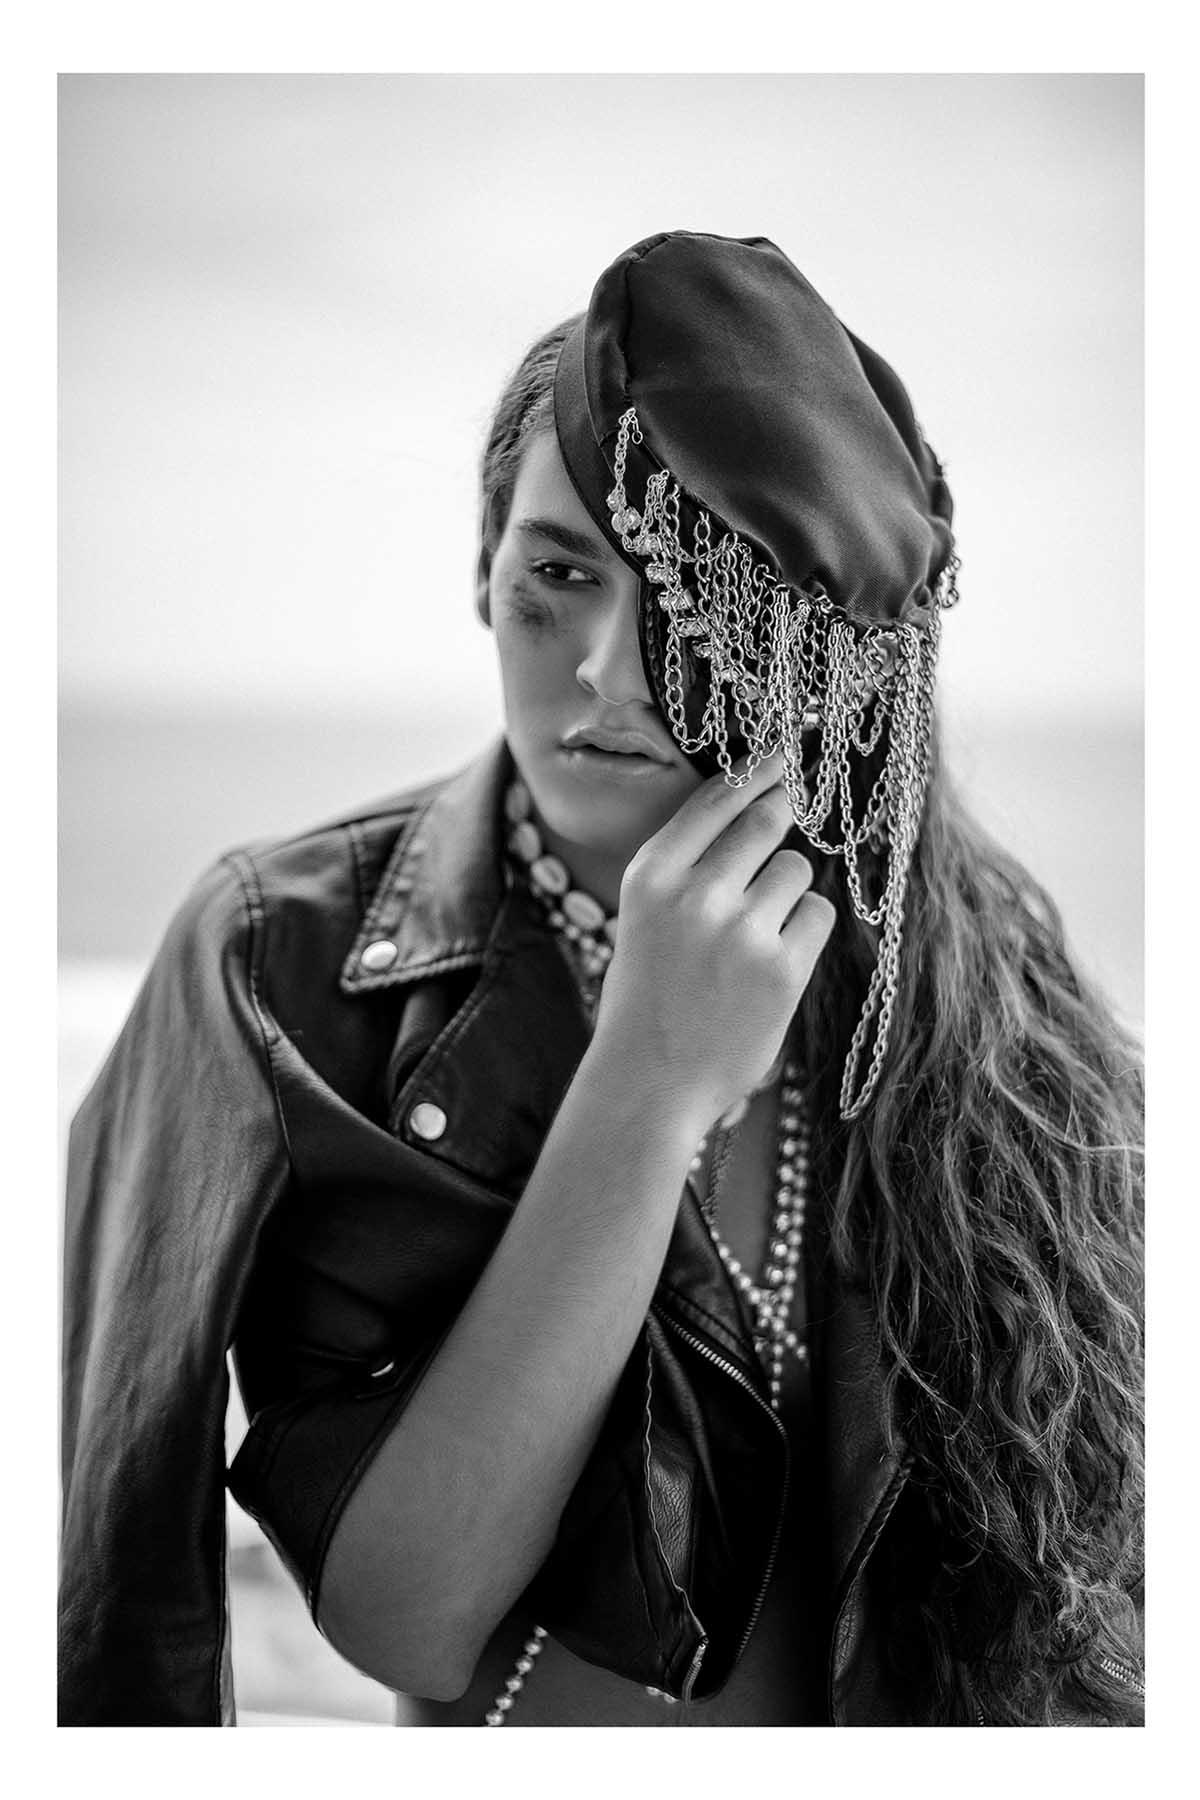 Paulo Eduardo by Luciana Sposito for Brazilian Male Model